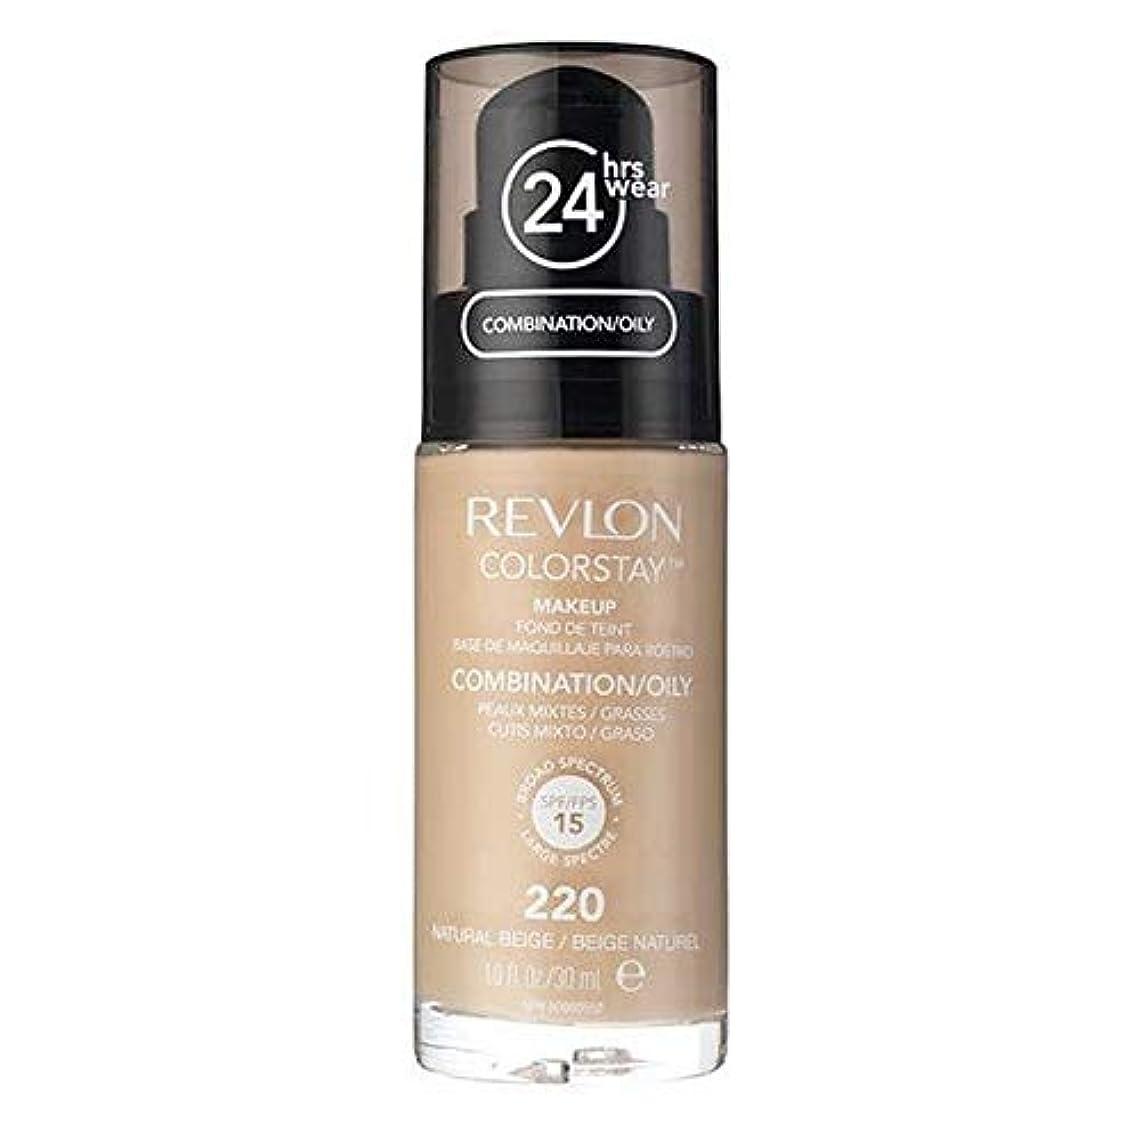 方法責任アトミック[Revlon ] レブロンカラーステイ基盤コンビ/油性Natbeige 30ミリリットル - Revlon Color Stay Foundation Combi/Oily Natbeige 30ml [並行輸入品]